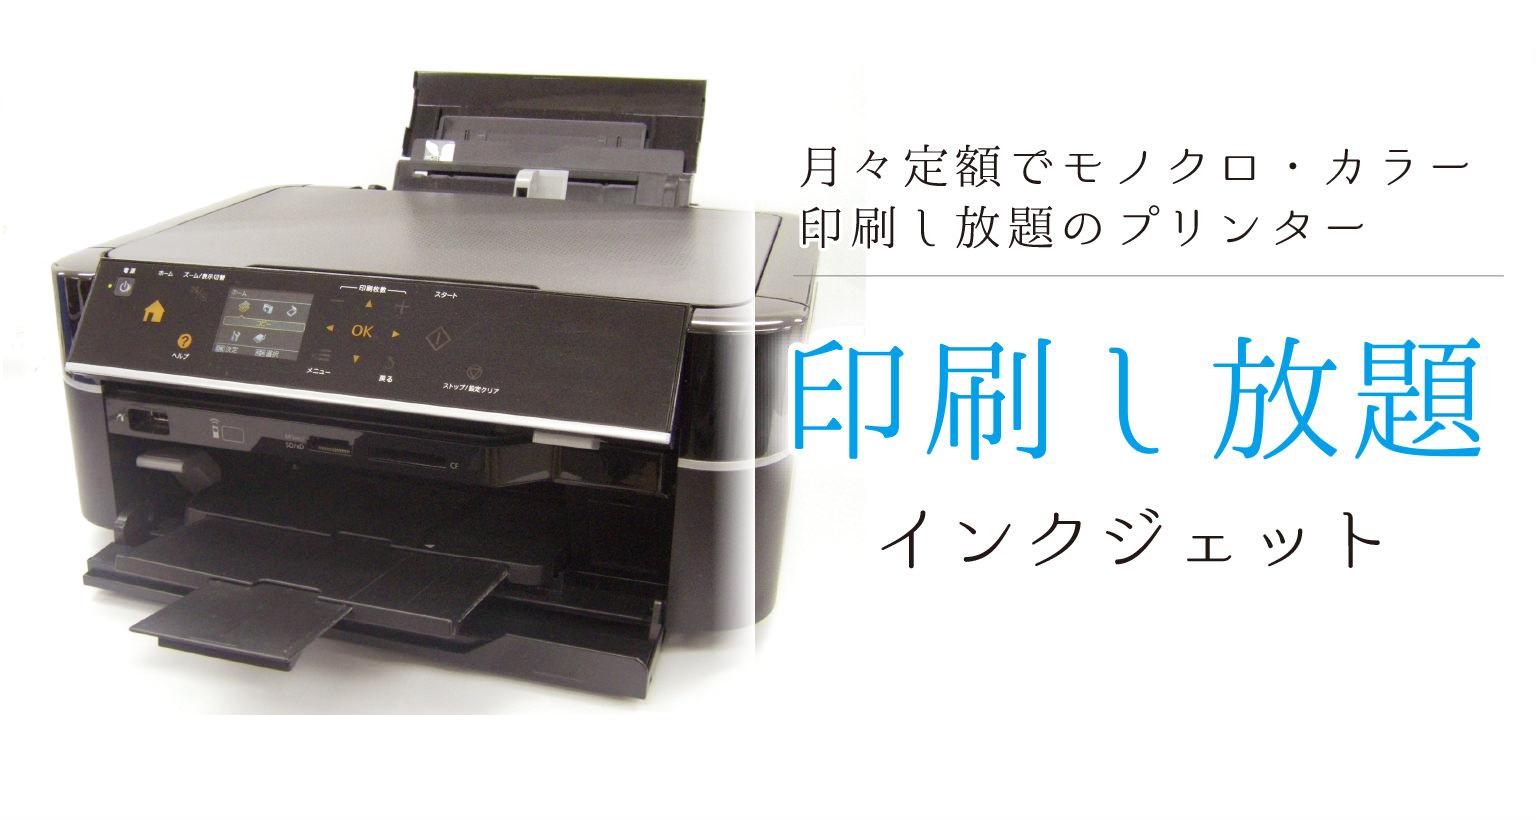 インクジェットプリンタ印刷し放題 経費削減